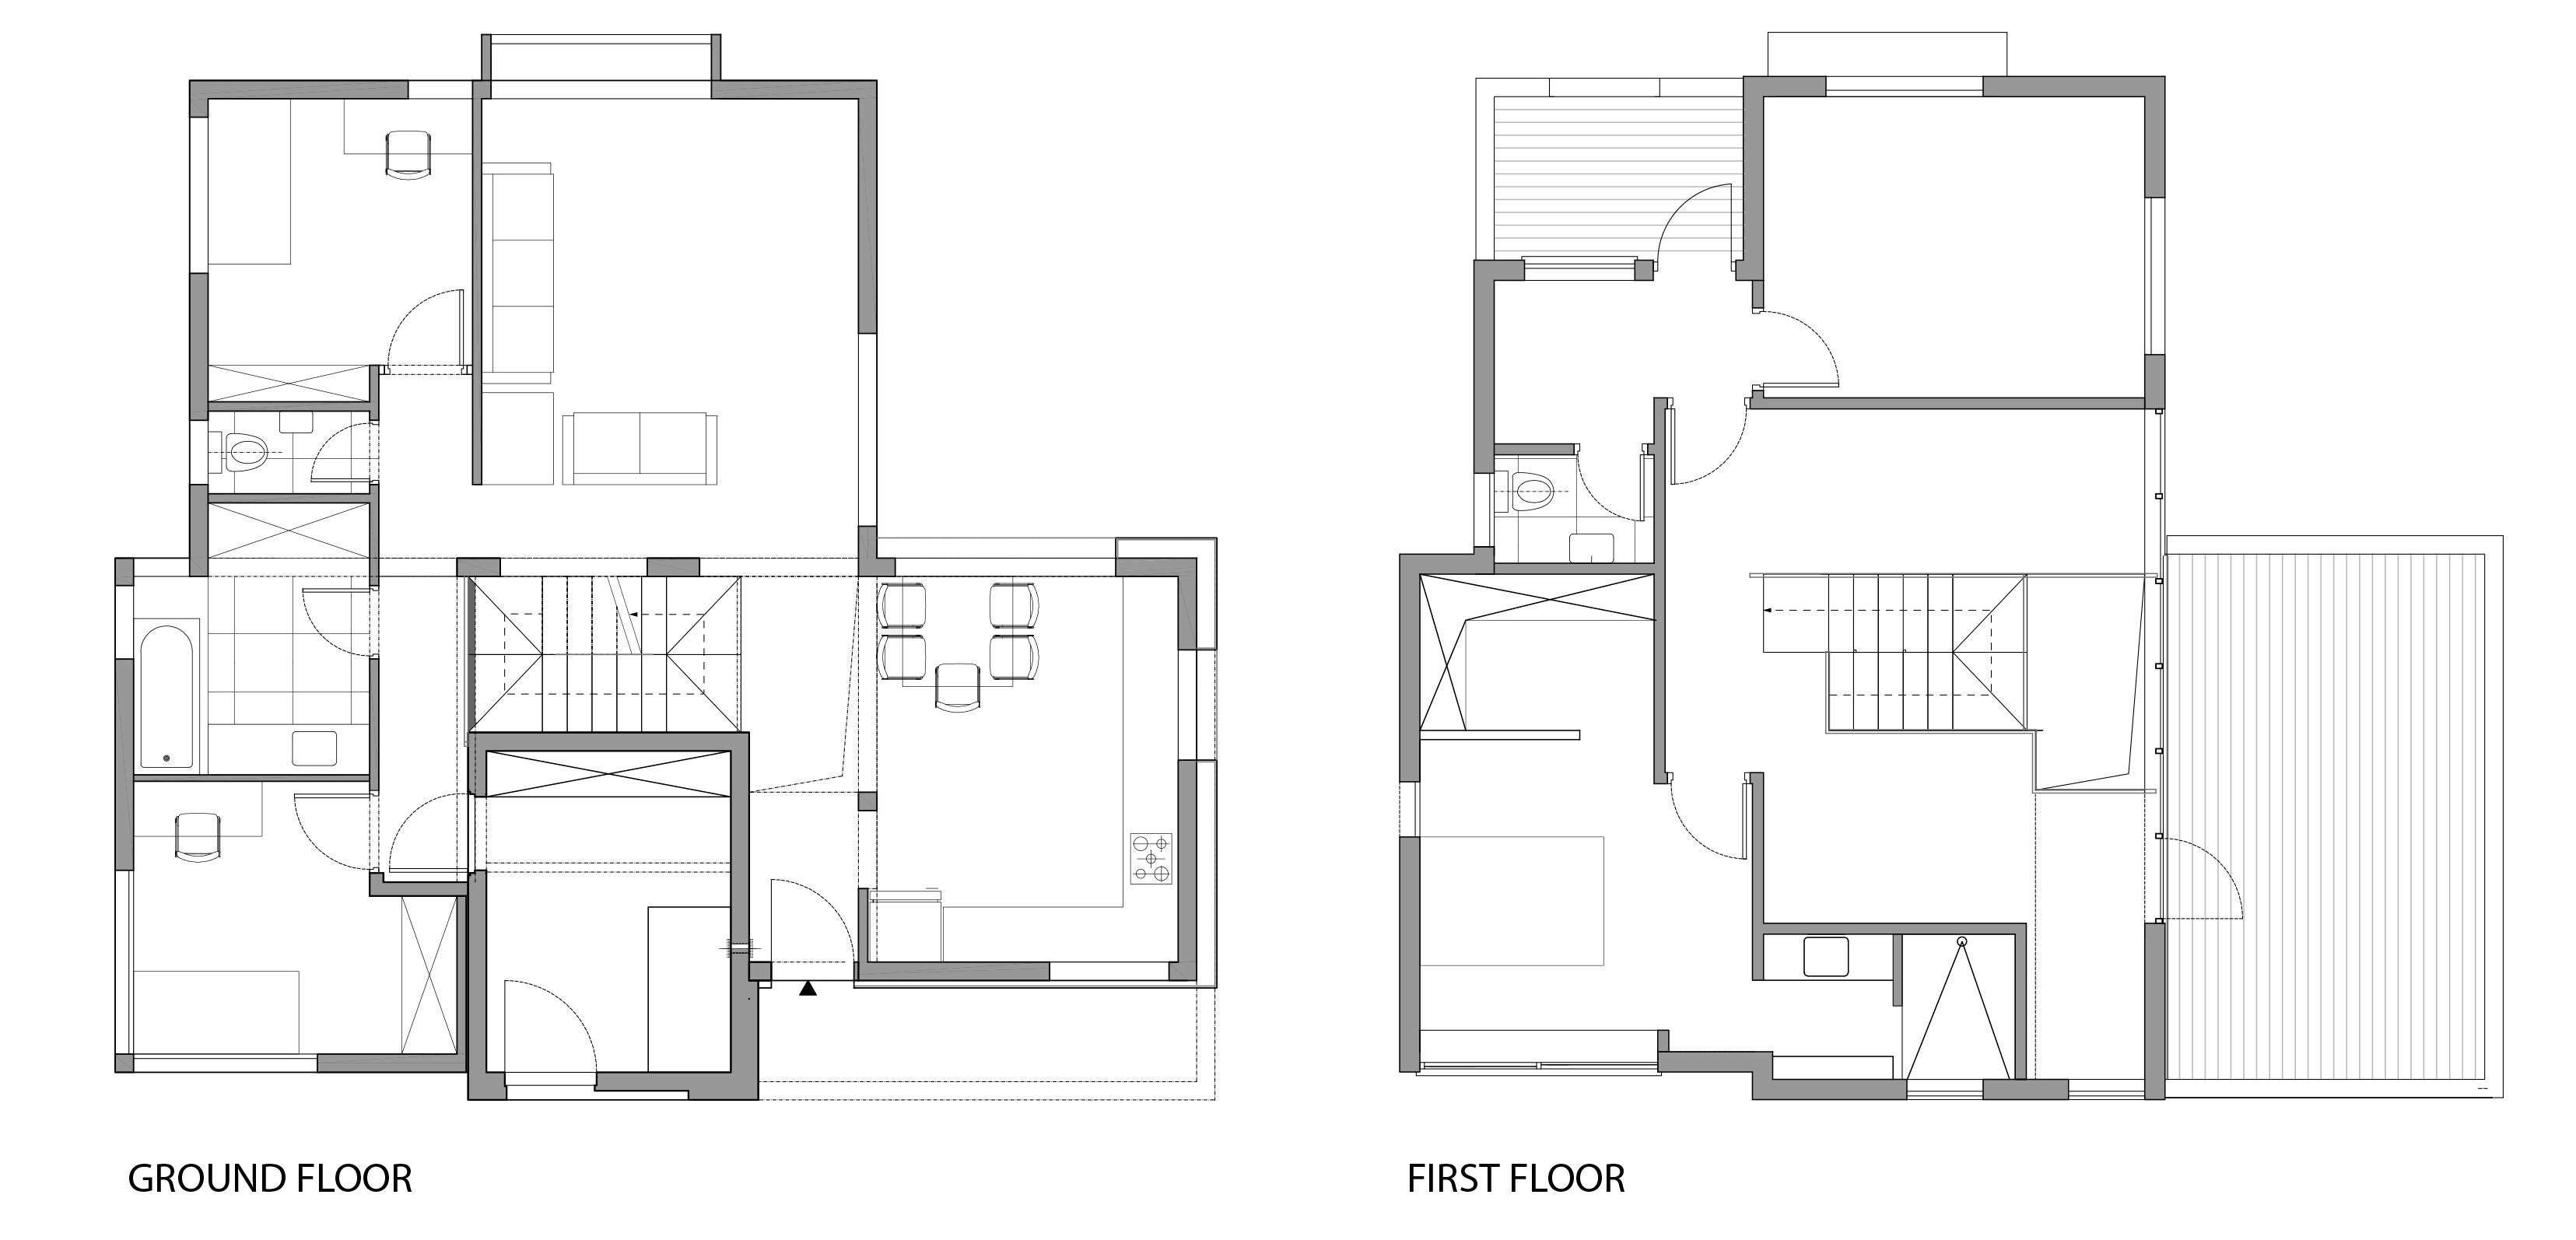 PLANS D House